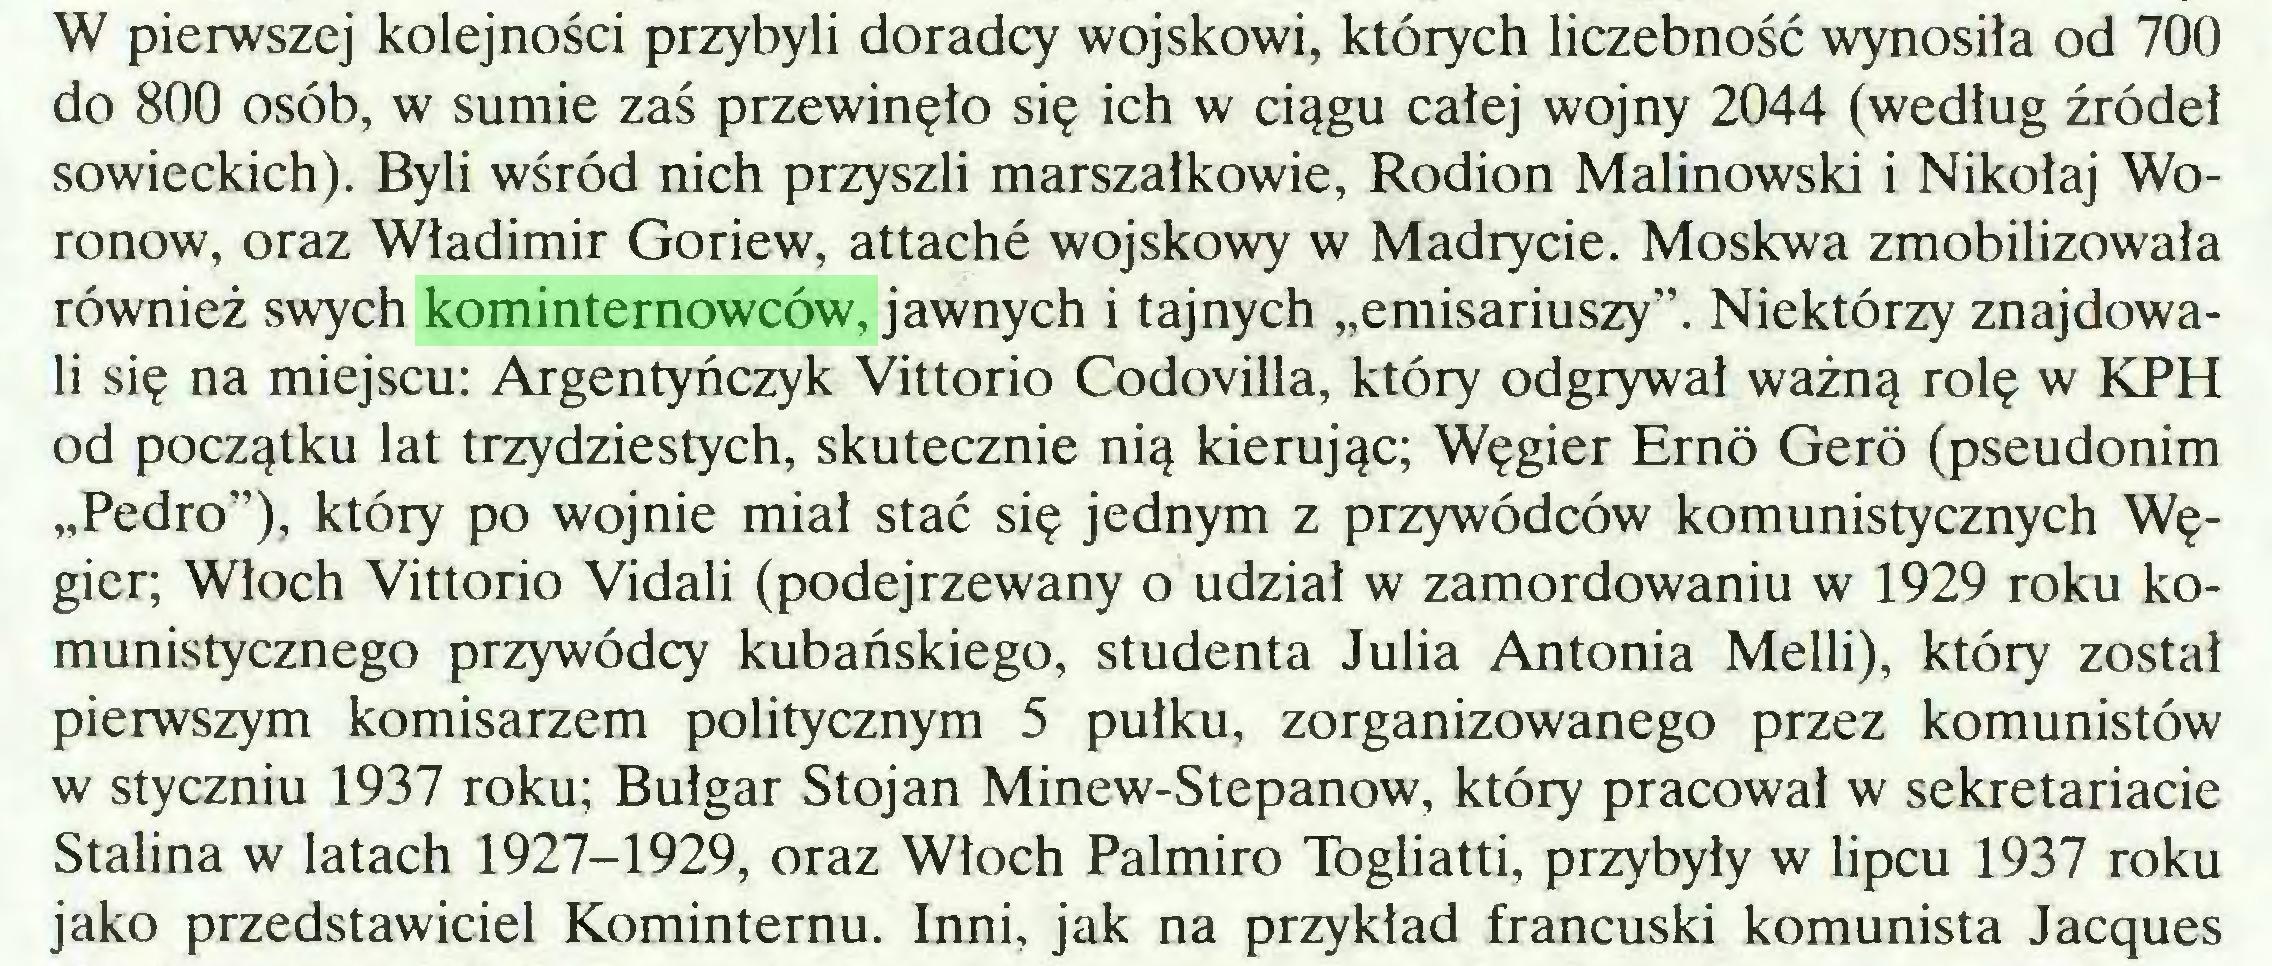 """(...) W pierwszej kolejności przybyli doradcy wojskowi, których liczebność wynosiła od 700 do 800 osób, w sumie zaś przewinęło się ich w ciągu całej wojny 2044 (według źródeł sowieckich). Byli wśród nich przyszli marszałkowie, Rodion Malinowski i Nikołaj Woronow, oraz Władimir Goriew, attache wojskowy w Madrycie. Moskwa zmobilizowała również swych kominternowców, jawnych i tajnych """"emisariuszy"""". Niektórzy znajdowali się na miejscu: Argentyńczyk Vittorio Codovilla, który odgrywał ważną rolę w KPH od początku lat trzydziestych, skutecznie nią kierując; Węgier Erno Gero (pseudonim """"Pedro""""), który po wojnie miał stać się jednym z przywódców komunistycznych Węgier; Włoch Vittorio Vidali (podejrzewany o udział w zamordowaniu w 1929 roku komunistycznego przywódcy kubańskiego, studenta Julia Antonia Melli), który został pierwszym komisarzem politycznym 5 pułku, zorganizowanego przez komunistów w styczniu 1937 roku; Bułgar Stojan Minew-Stepanow, który pracował w sekretariacie Stalina w latach 1927-1929, oraz Włoch Palmiro Togliatti, przybyły w lipcu 1937 roku jako przedstawiciel Kominternu. Inni, jak na przykład francuski komunista Jacques..."""